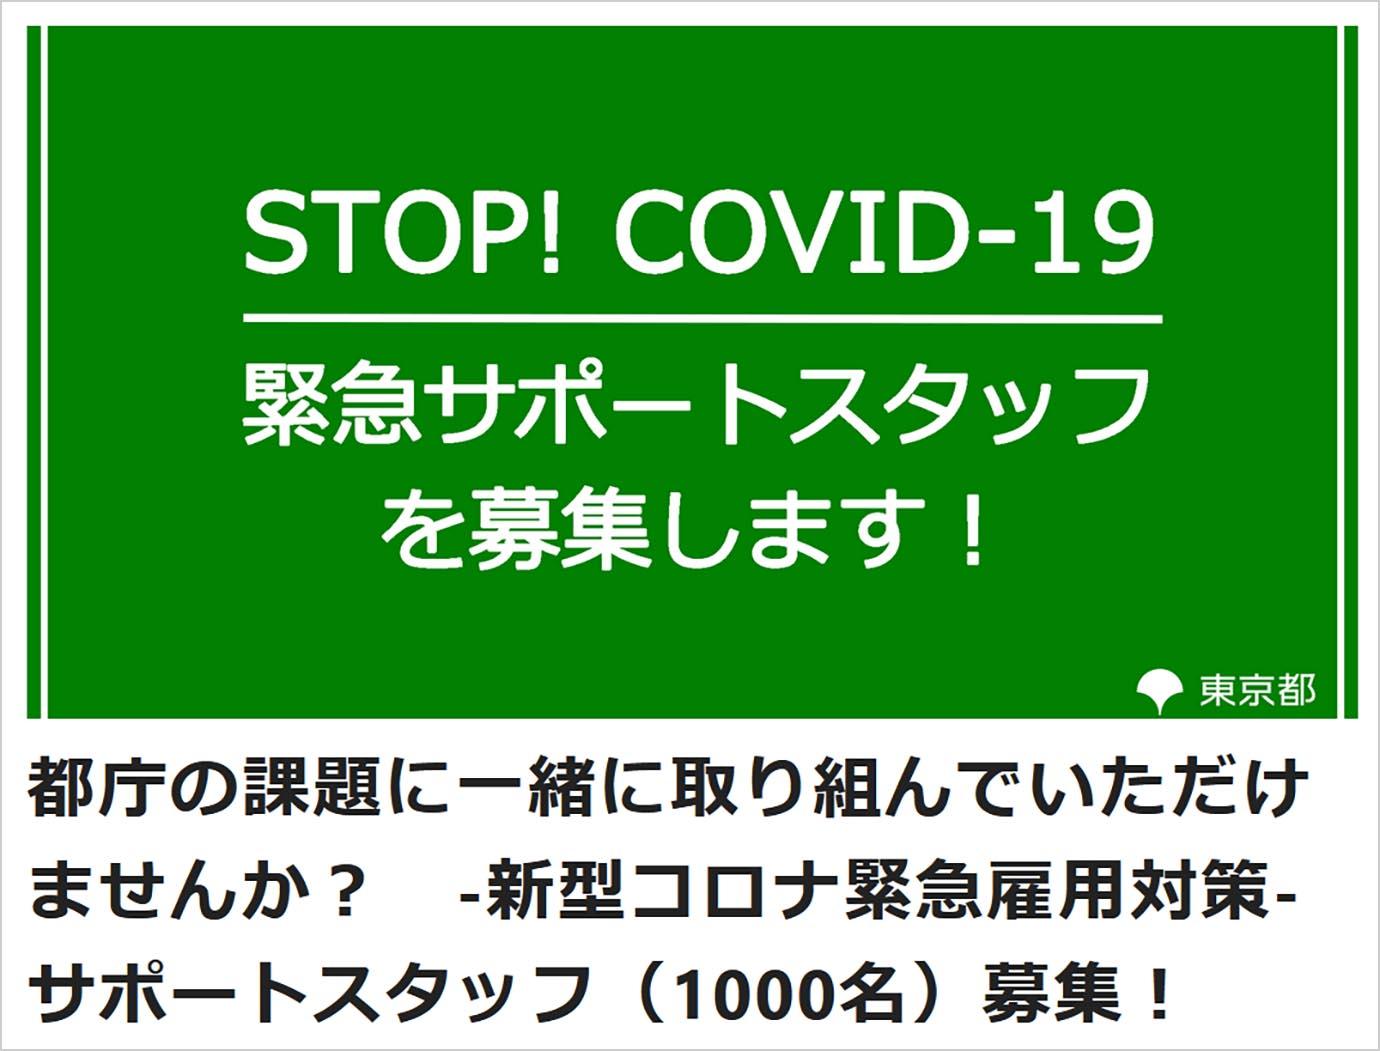 stop-covie19-tokyo-japan